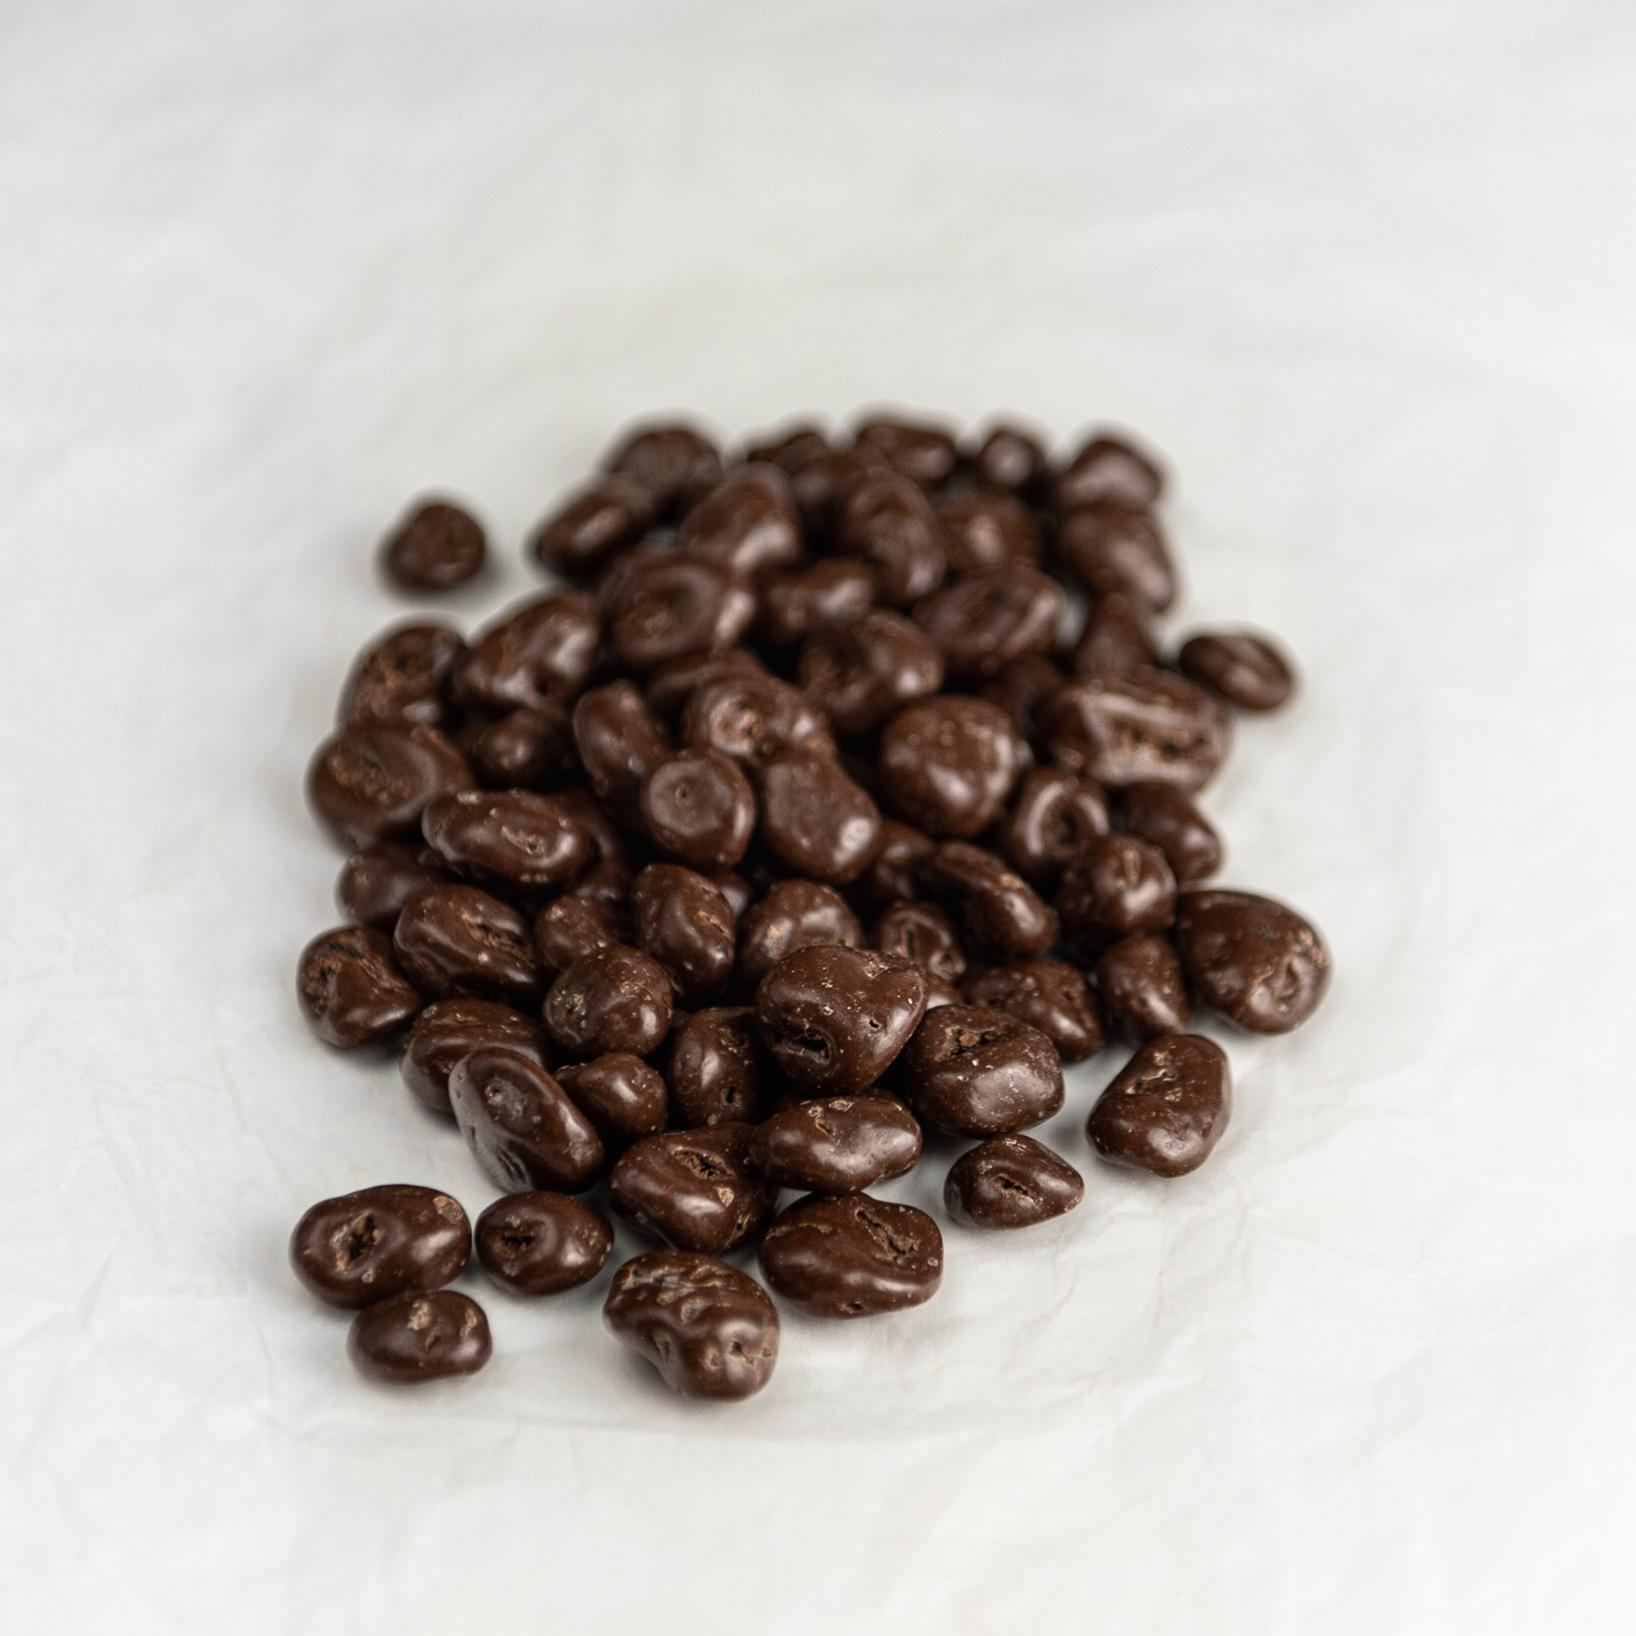 Chocolade jumbo rozijnen | Melk